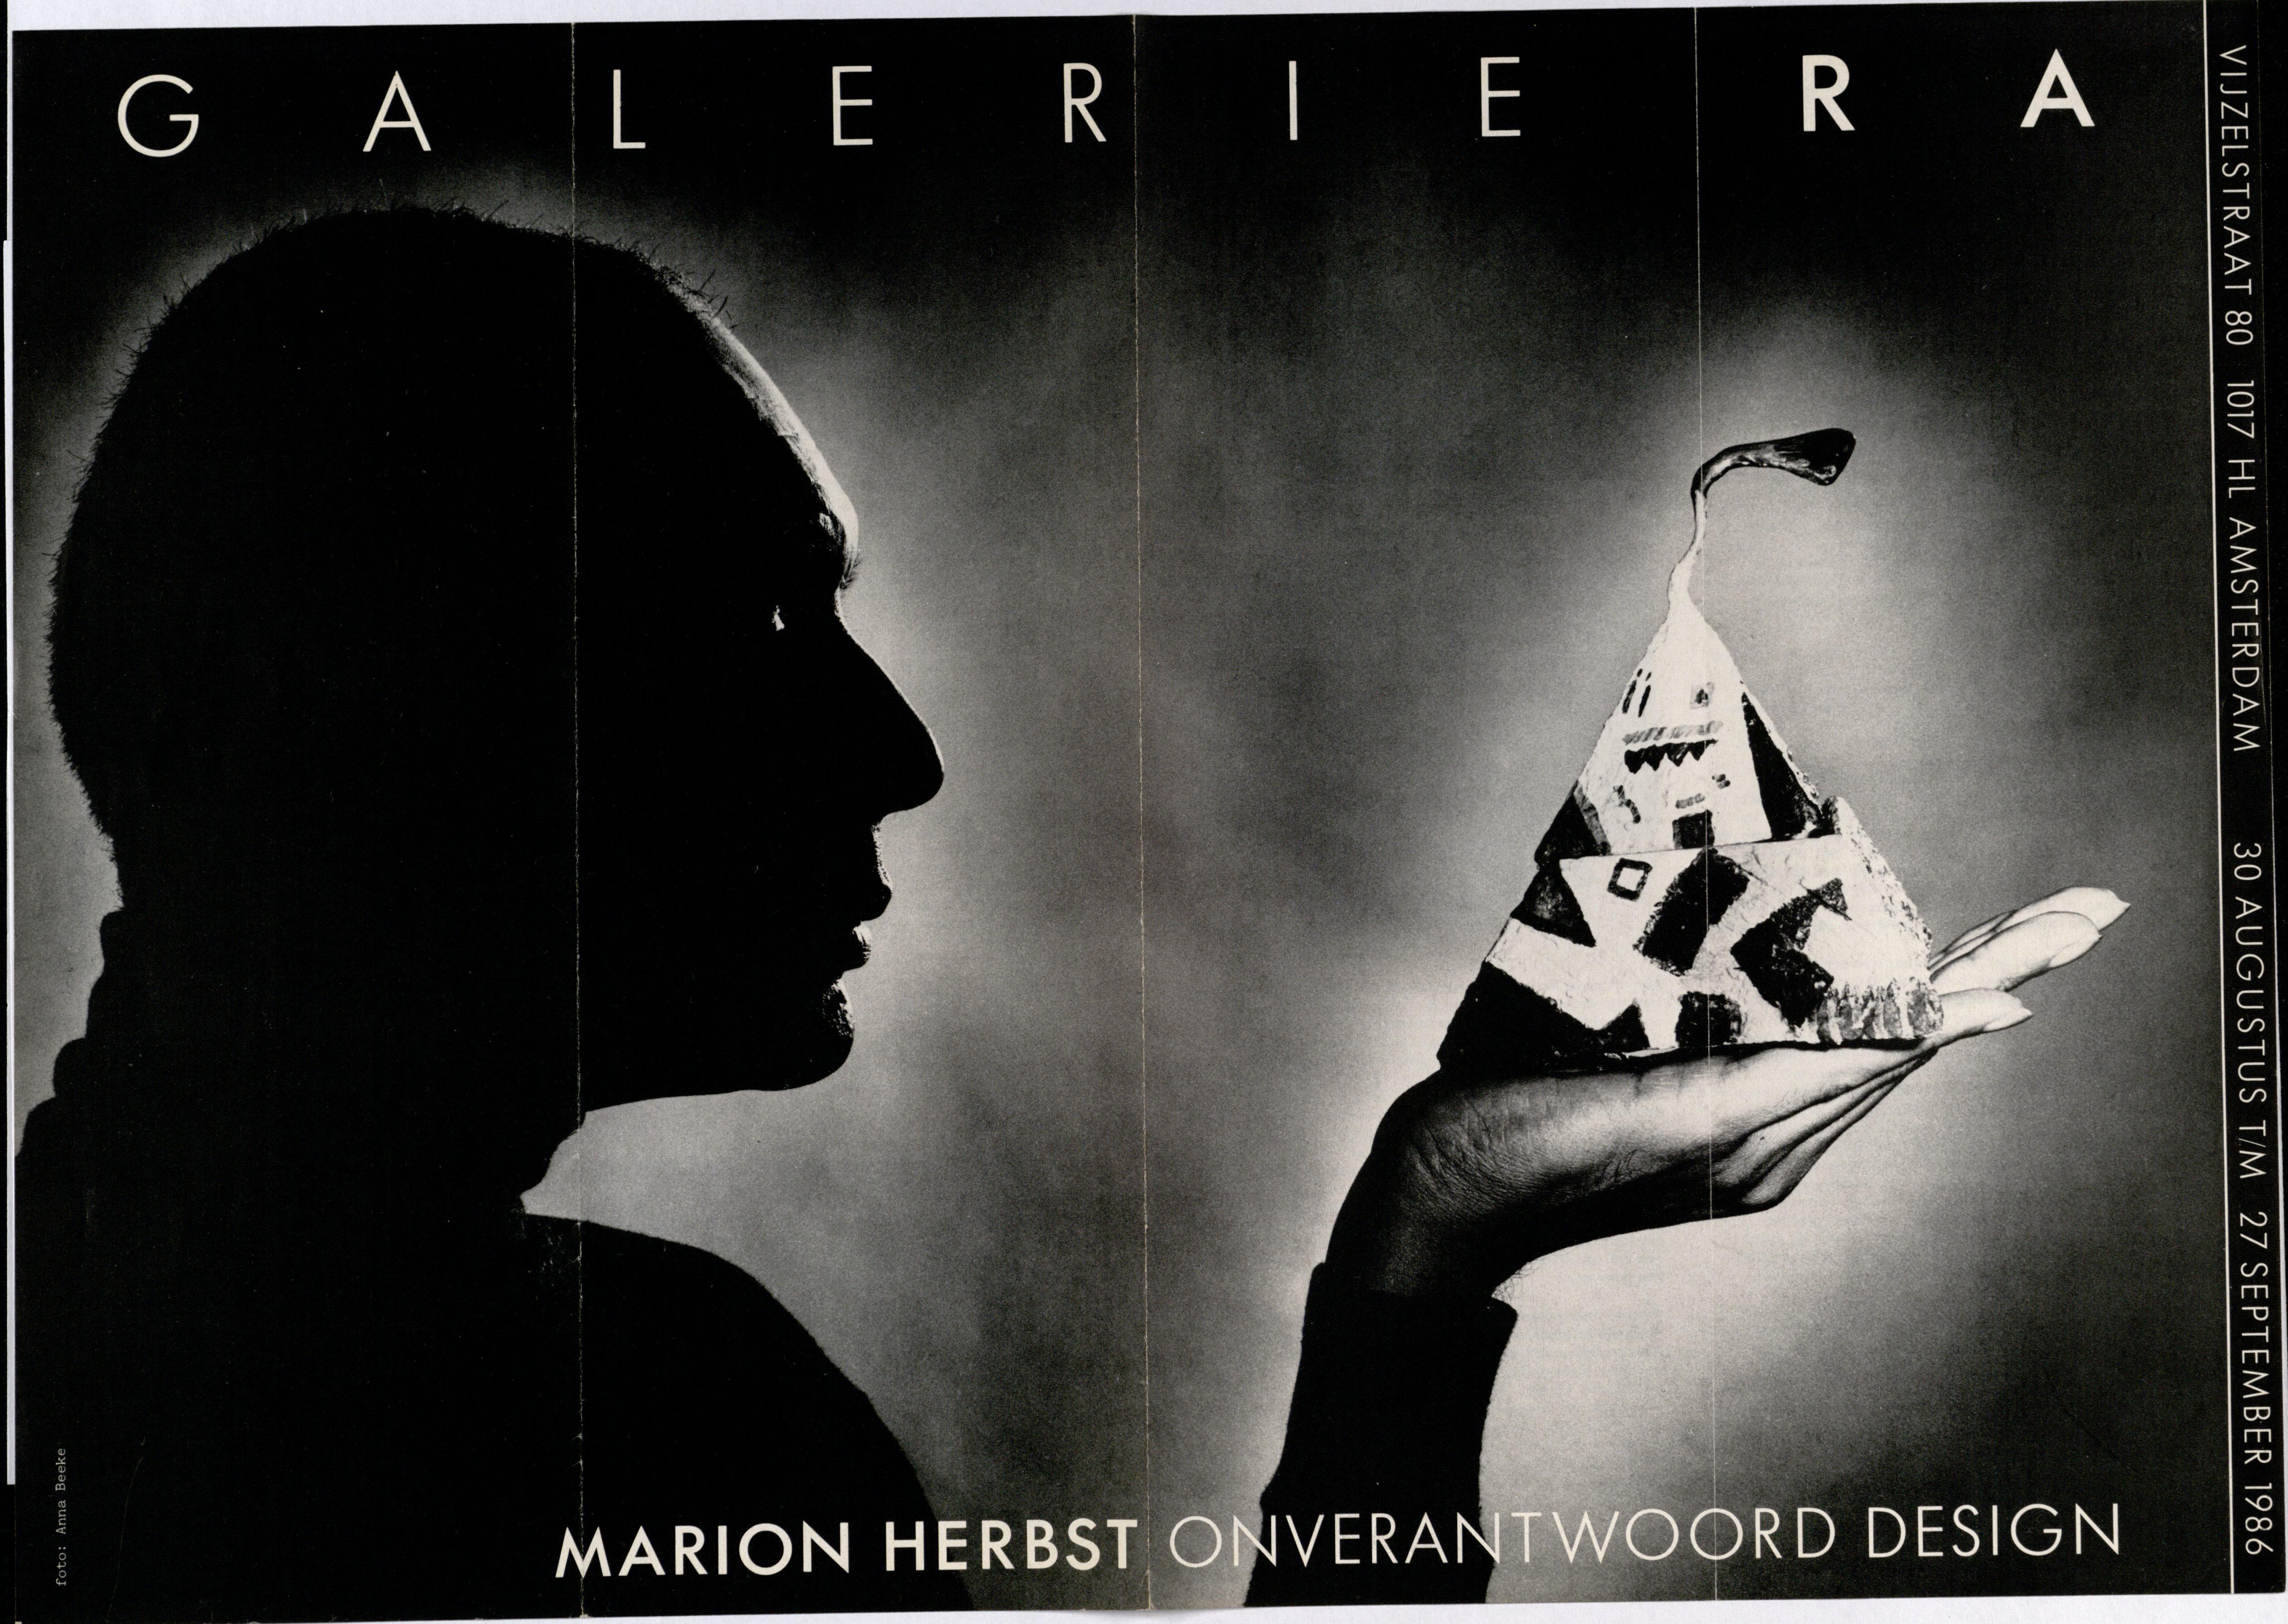 Ra Bulletin 28, augustus 1986, voorzijde met foto van Anna Beeke met object van Marion Herbst